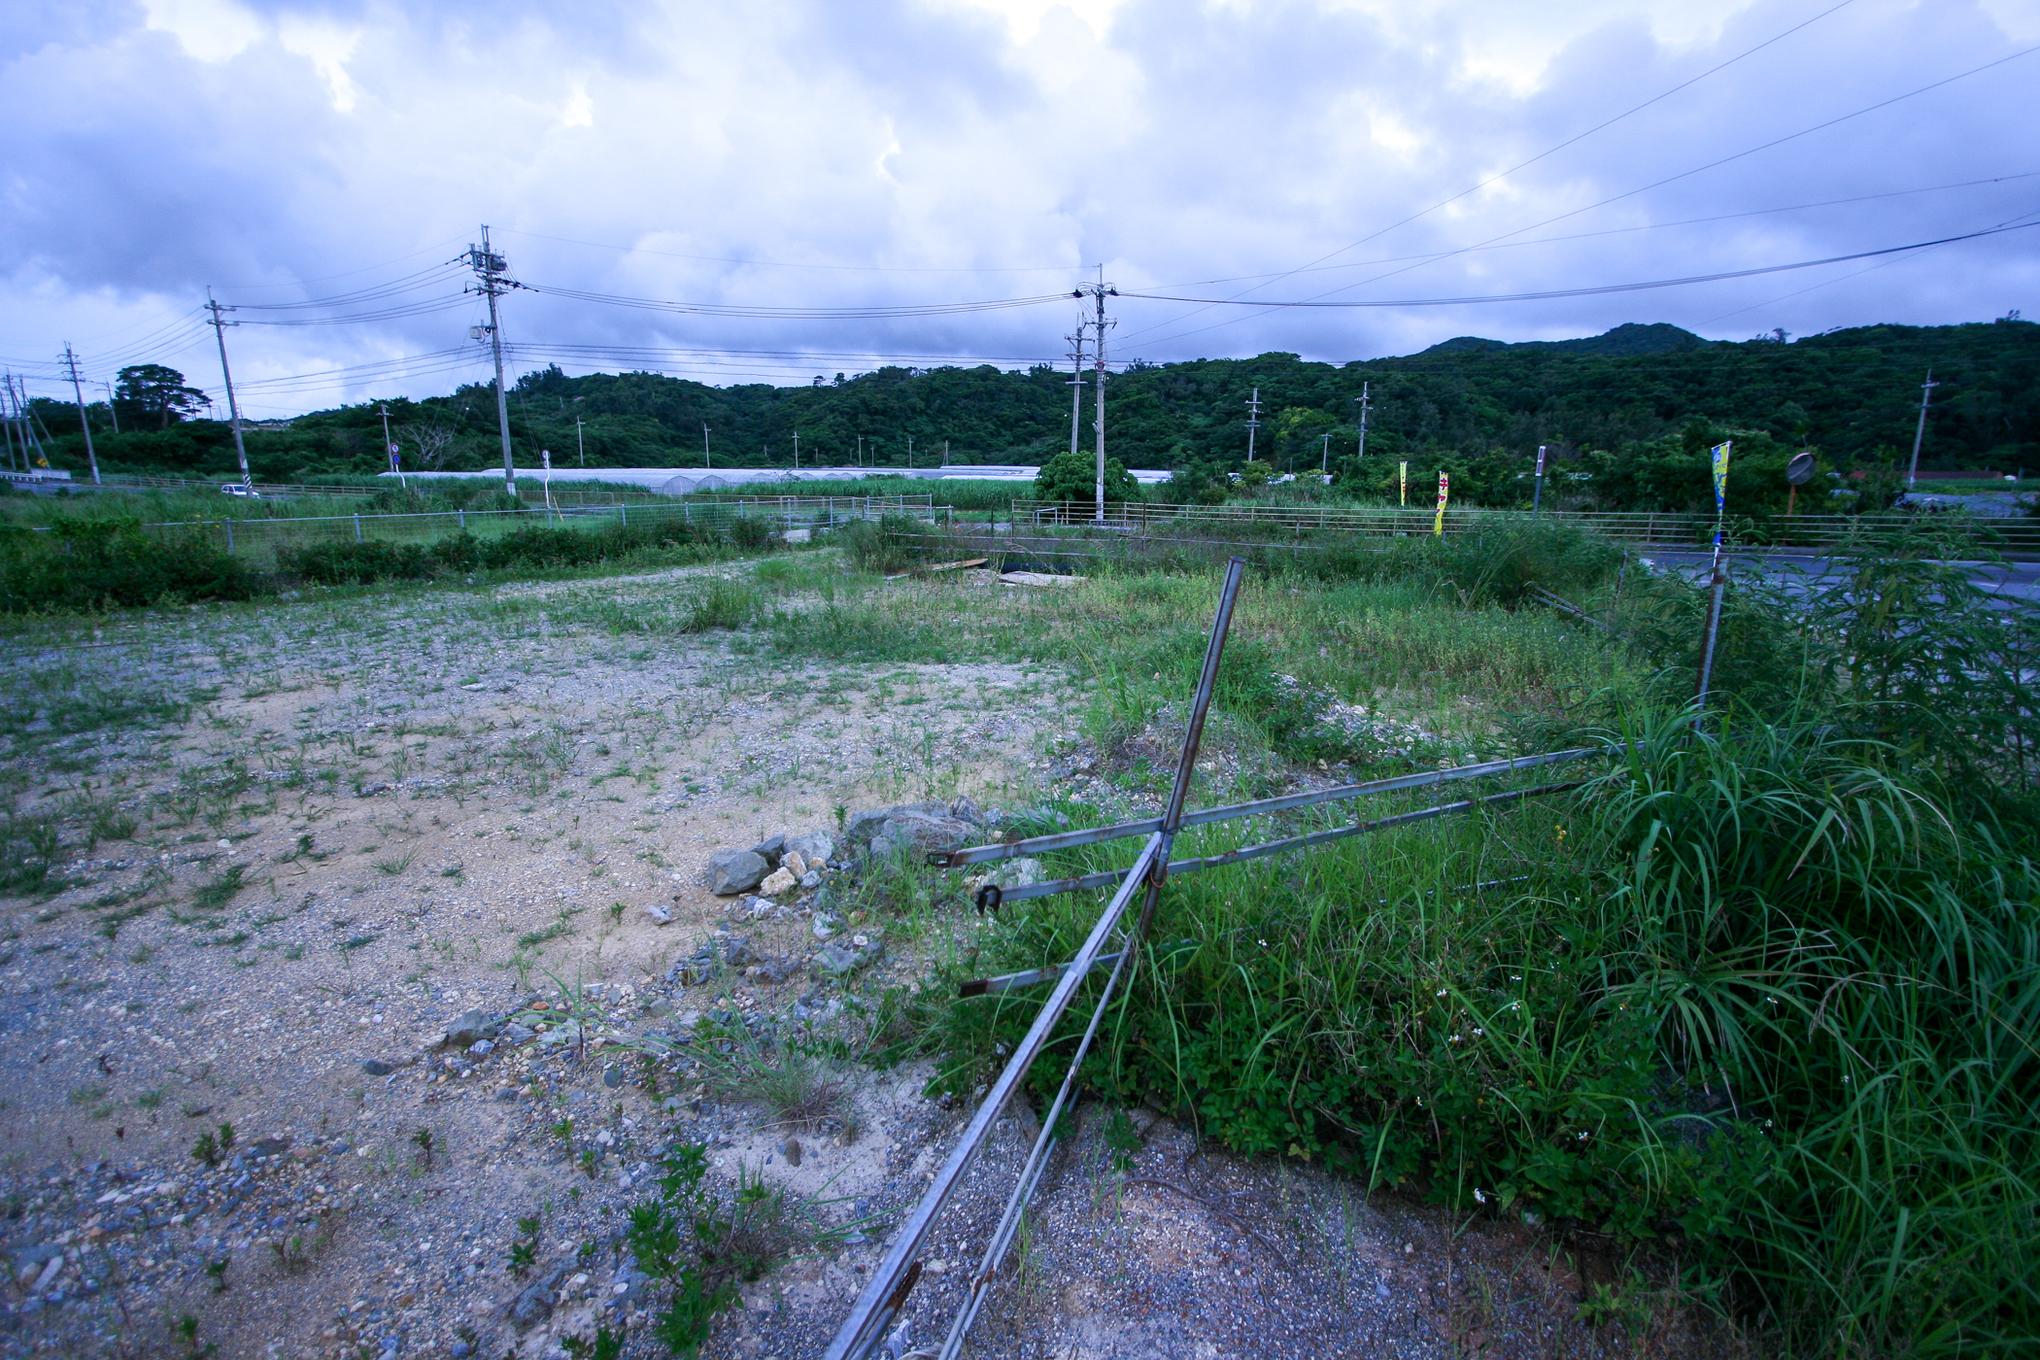 f:id:akichiniiko:20200722205029j:plain